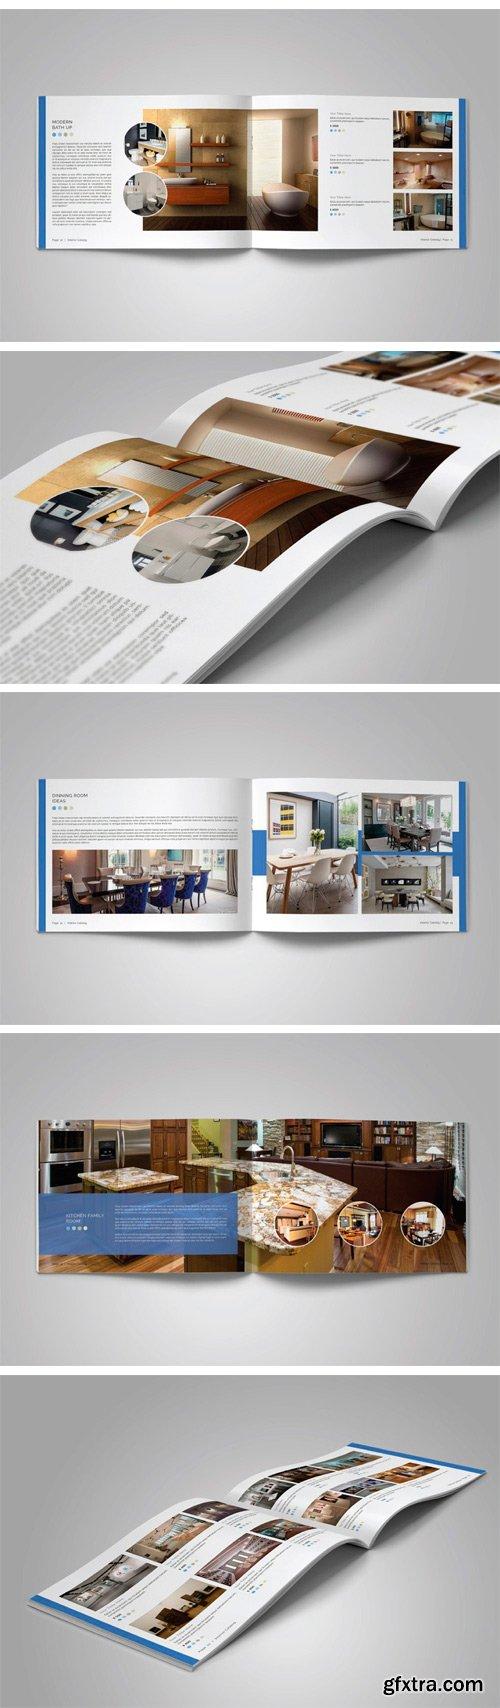 CM - Interior Design Ideas 2334835